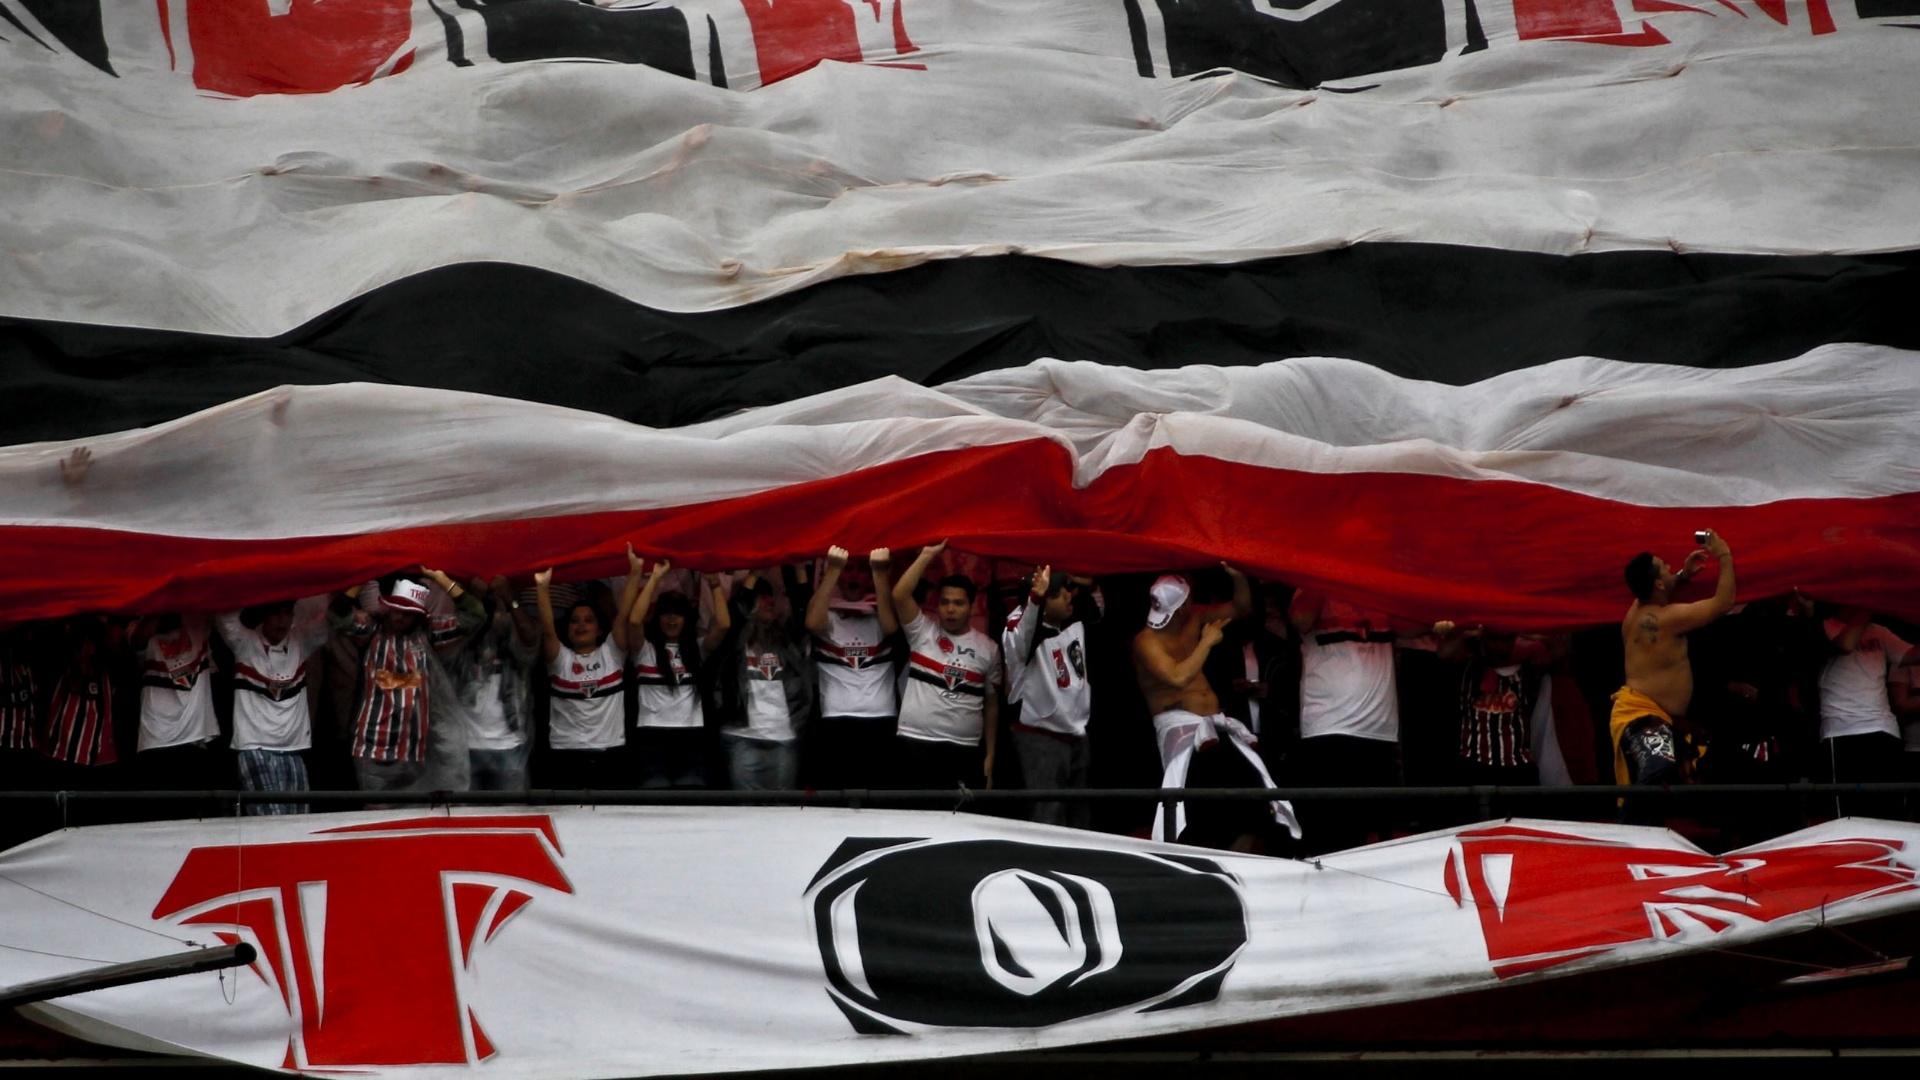 Torcida do São Paulo estende bandeirão nas arquibancadas do Morumbi